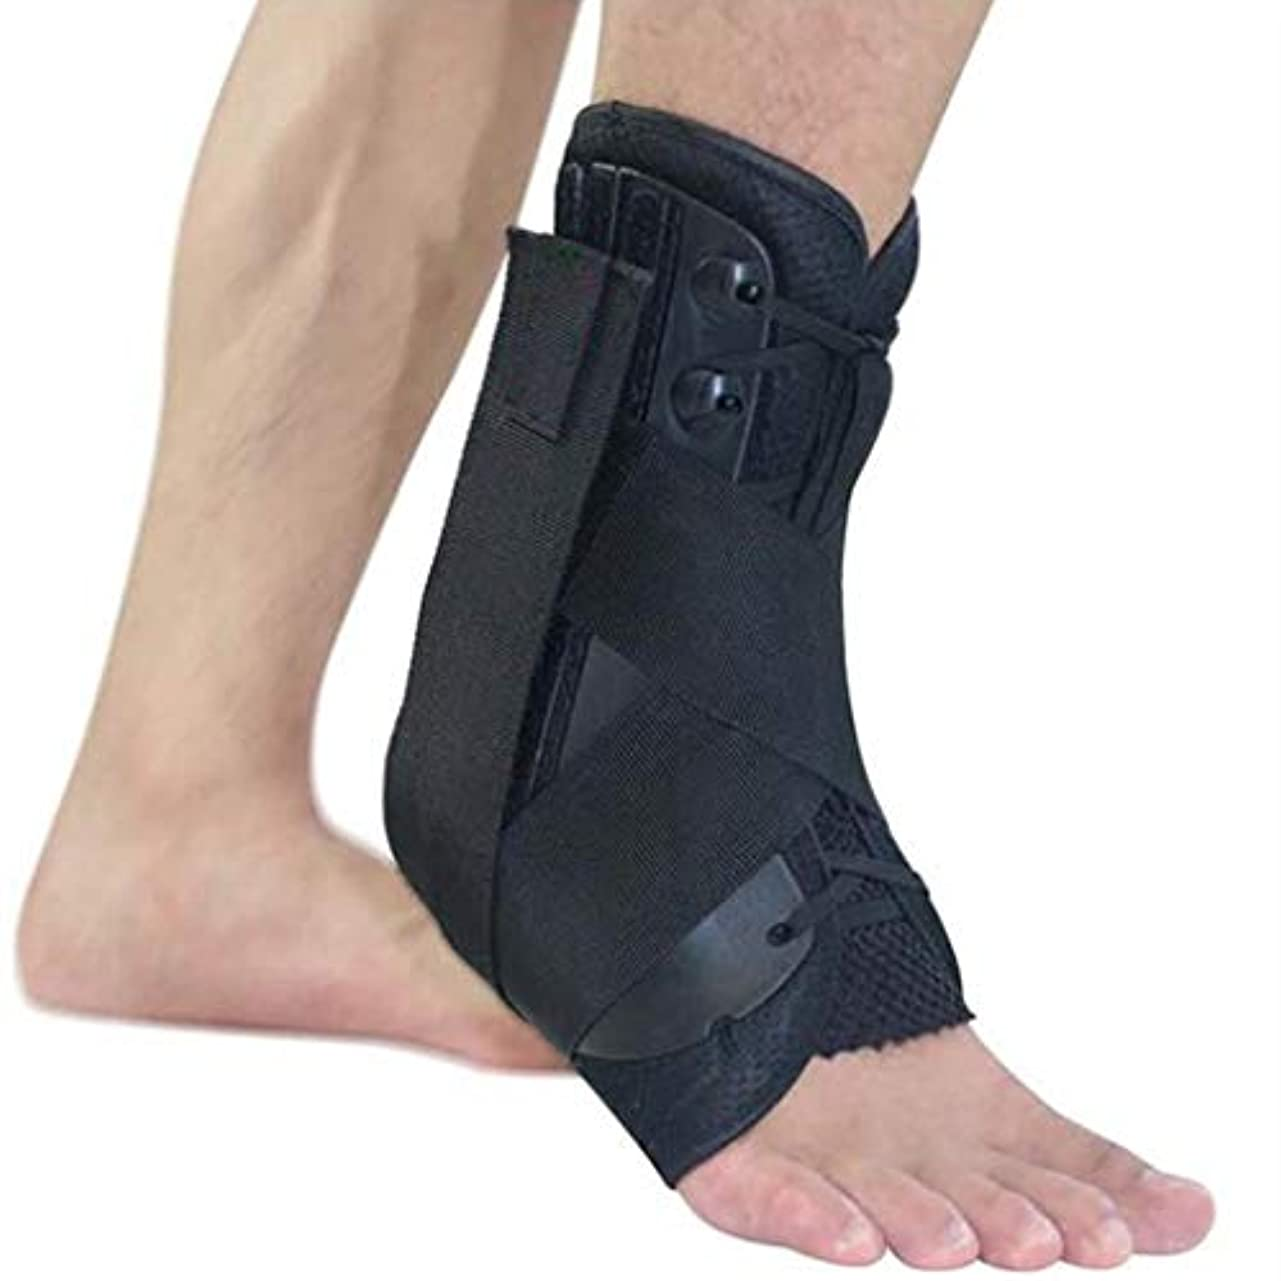 サーキュレーション輸血マトリックス筋膜炎かかとの痛み、手術後のアキレス腱気道足首骨折治療フィックスサポートツール (Size : L)